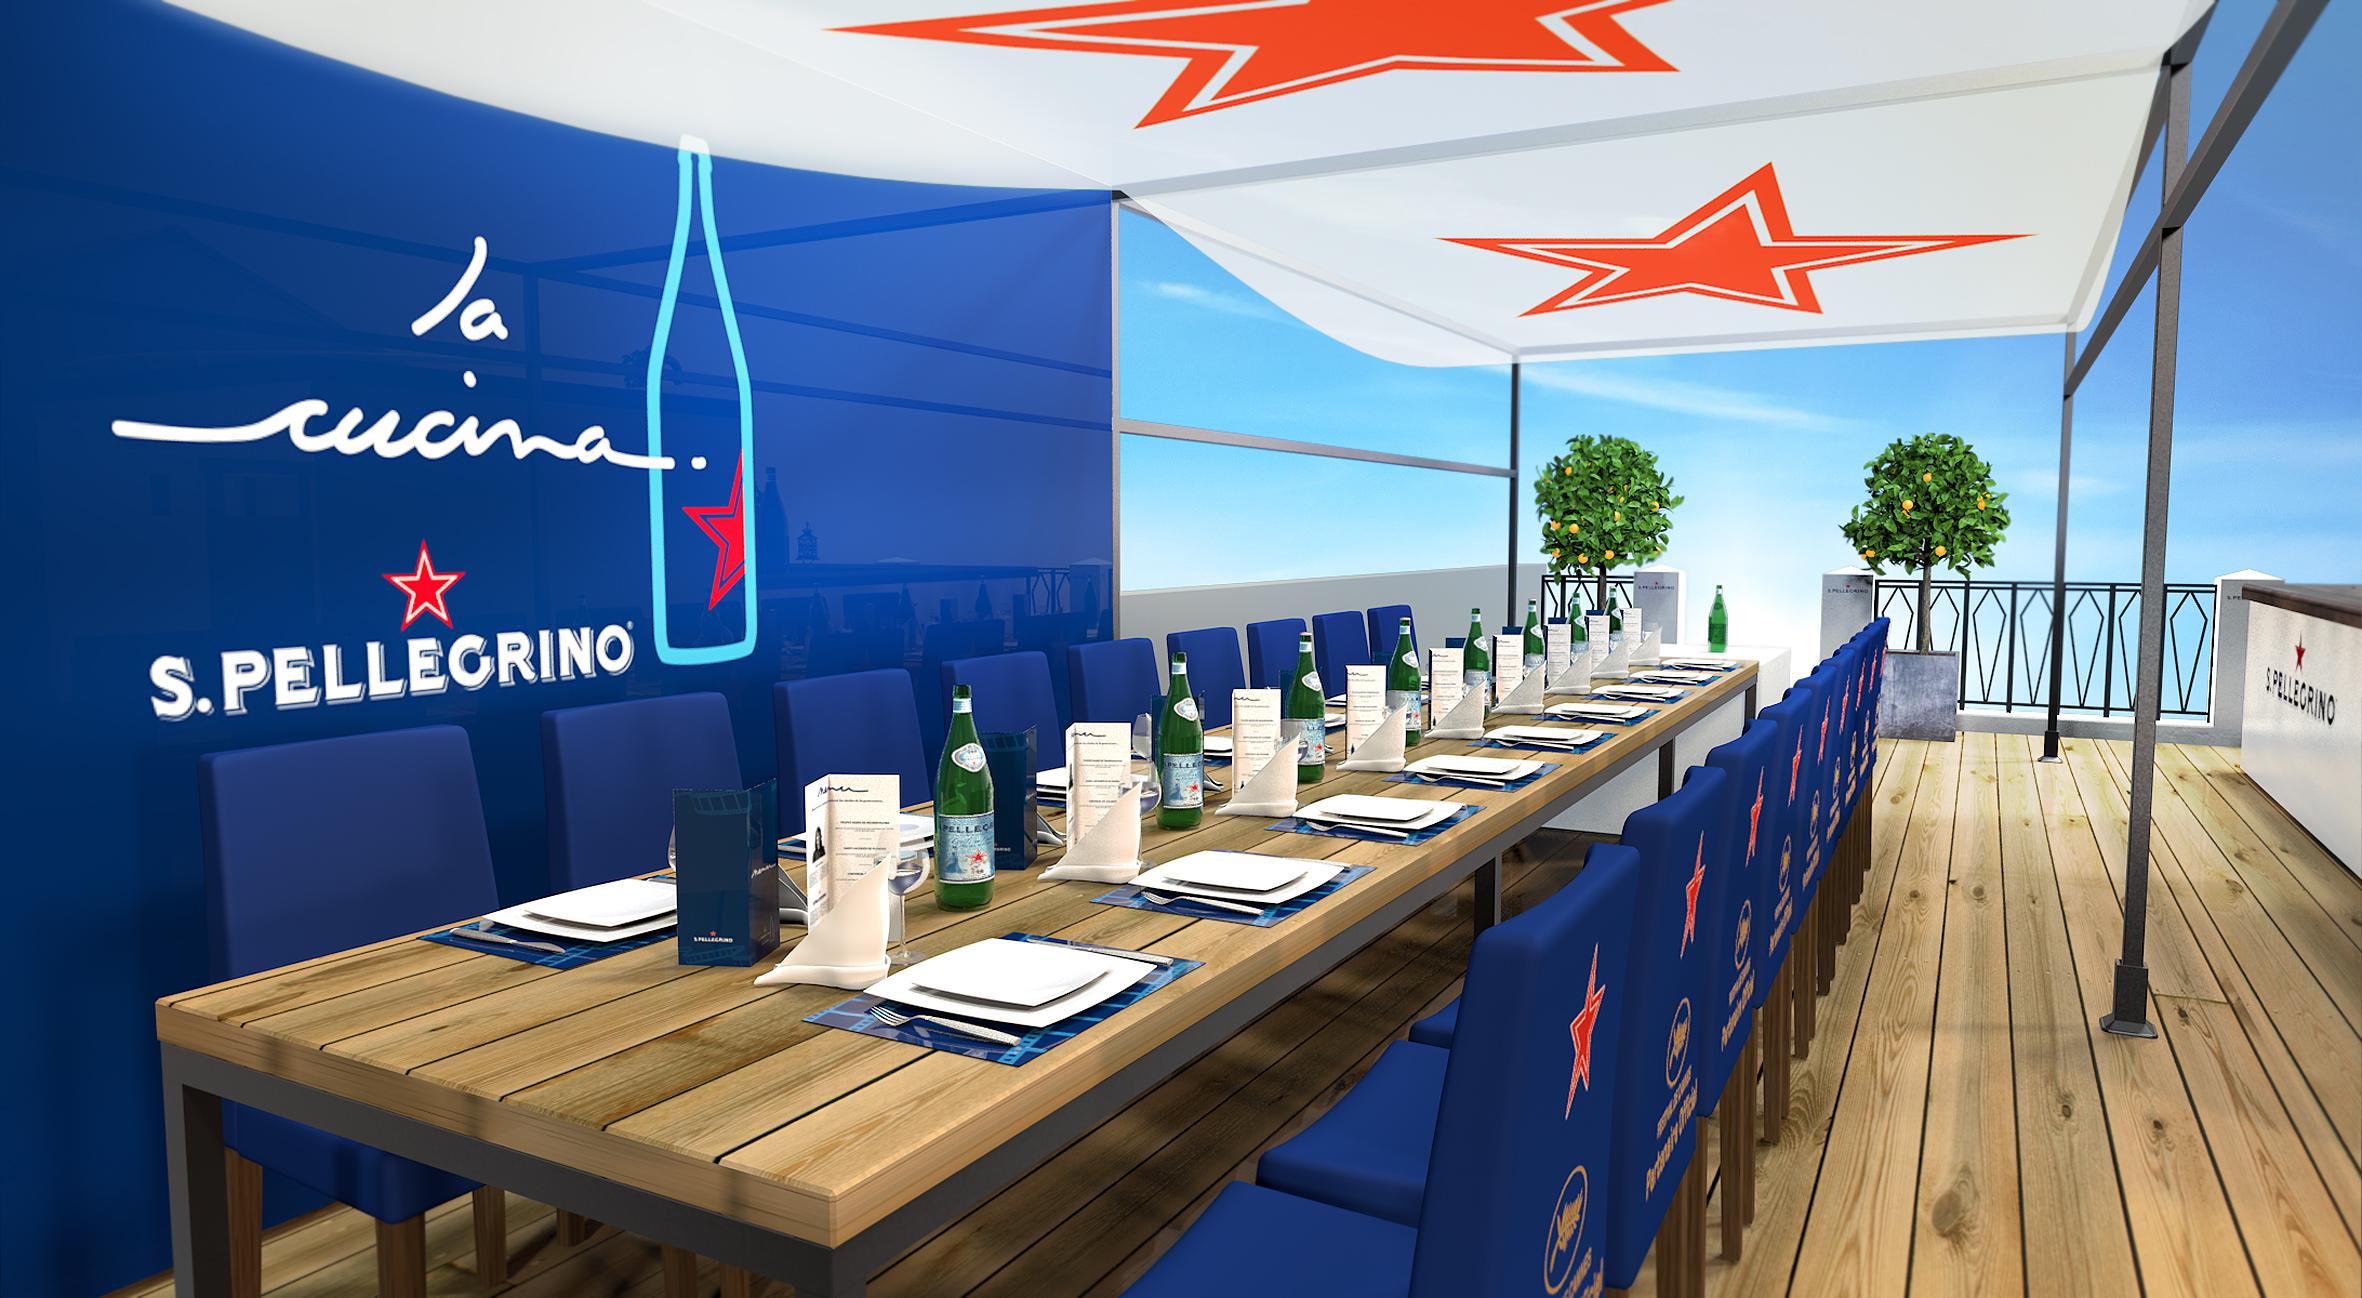 La Cucina S.Pellegrino Cannes 2015